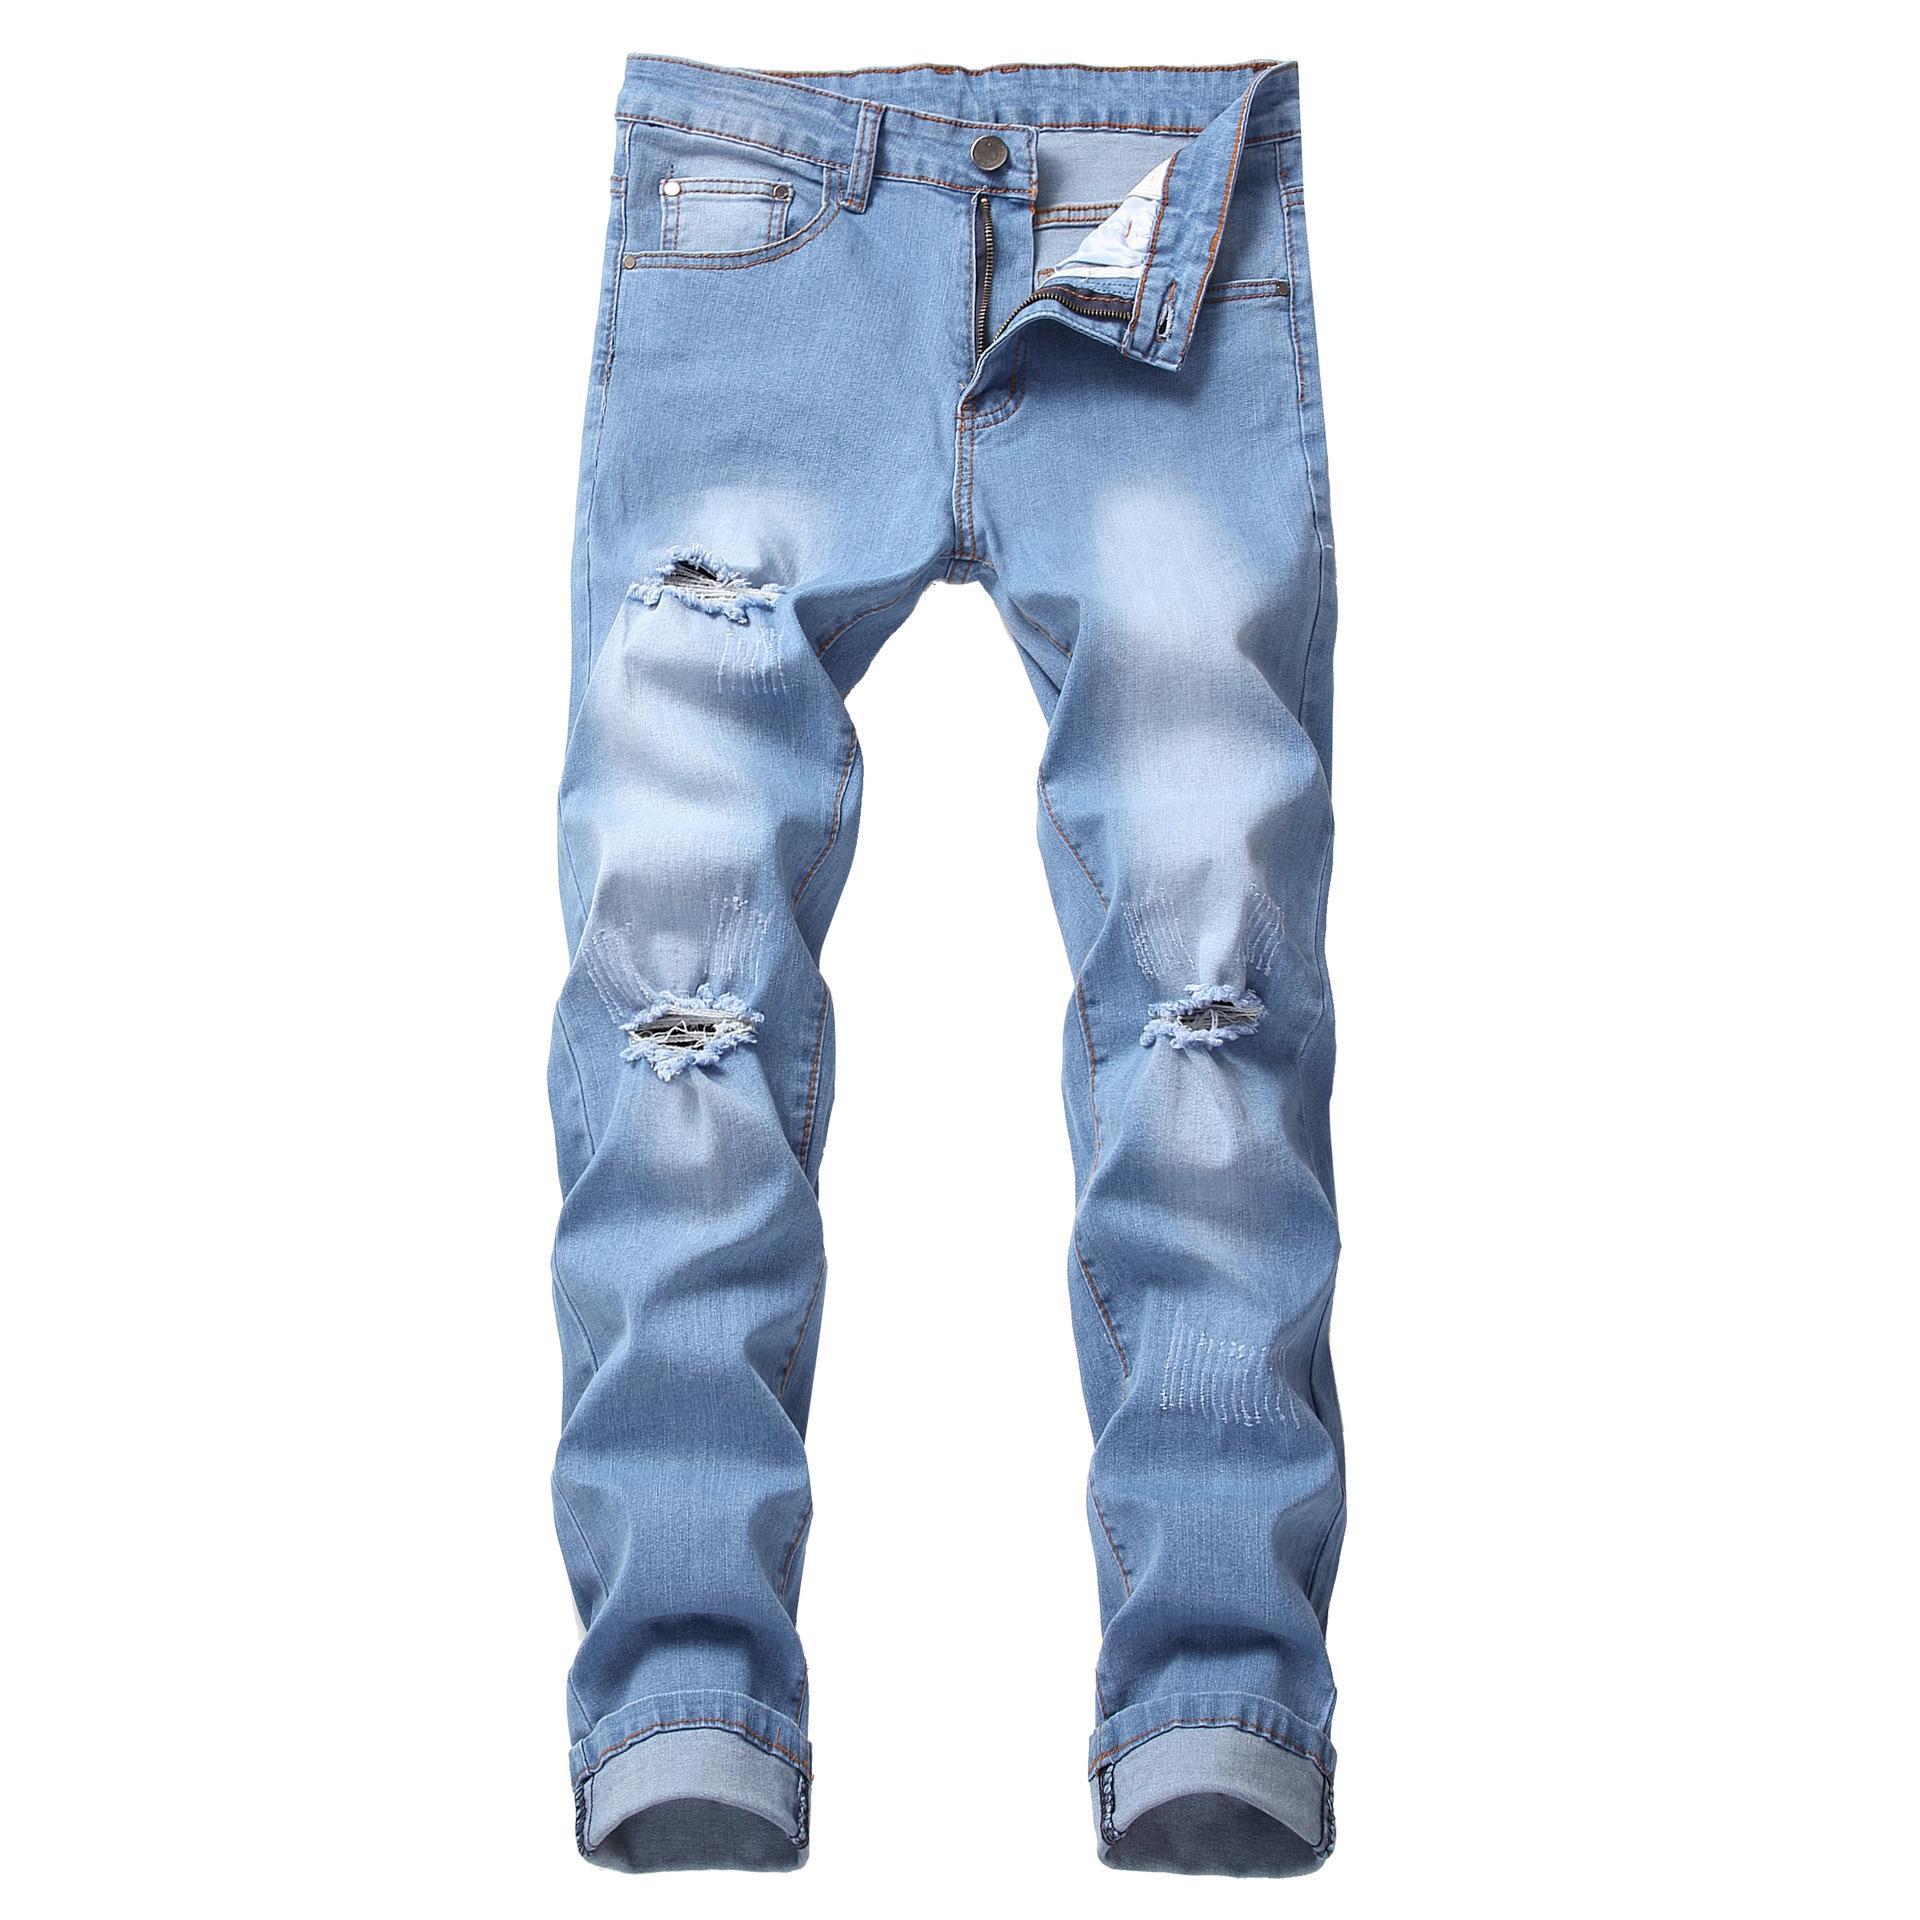 79f2d424b Compre Novedades Pantalones Vaqueros Para Hombres De Marca De ...